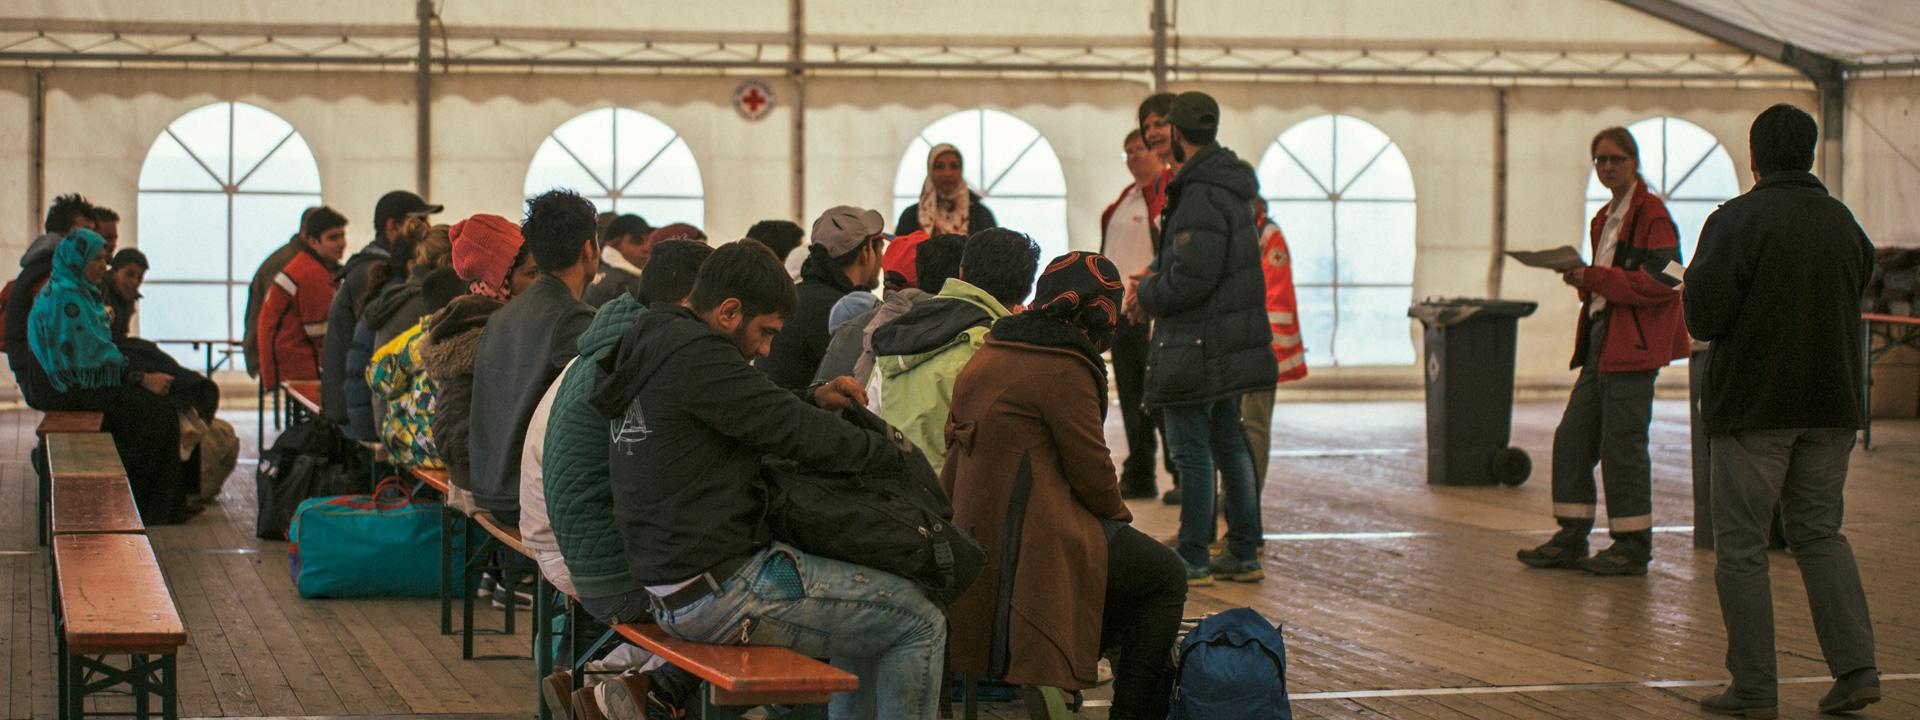 Foto: Flüchtlinge und Helfer in einem Zelt